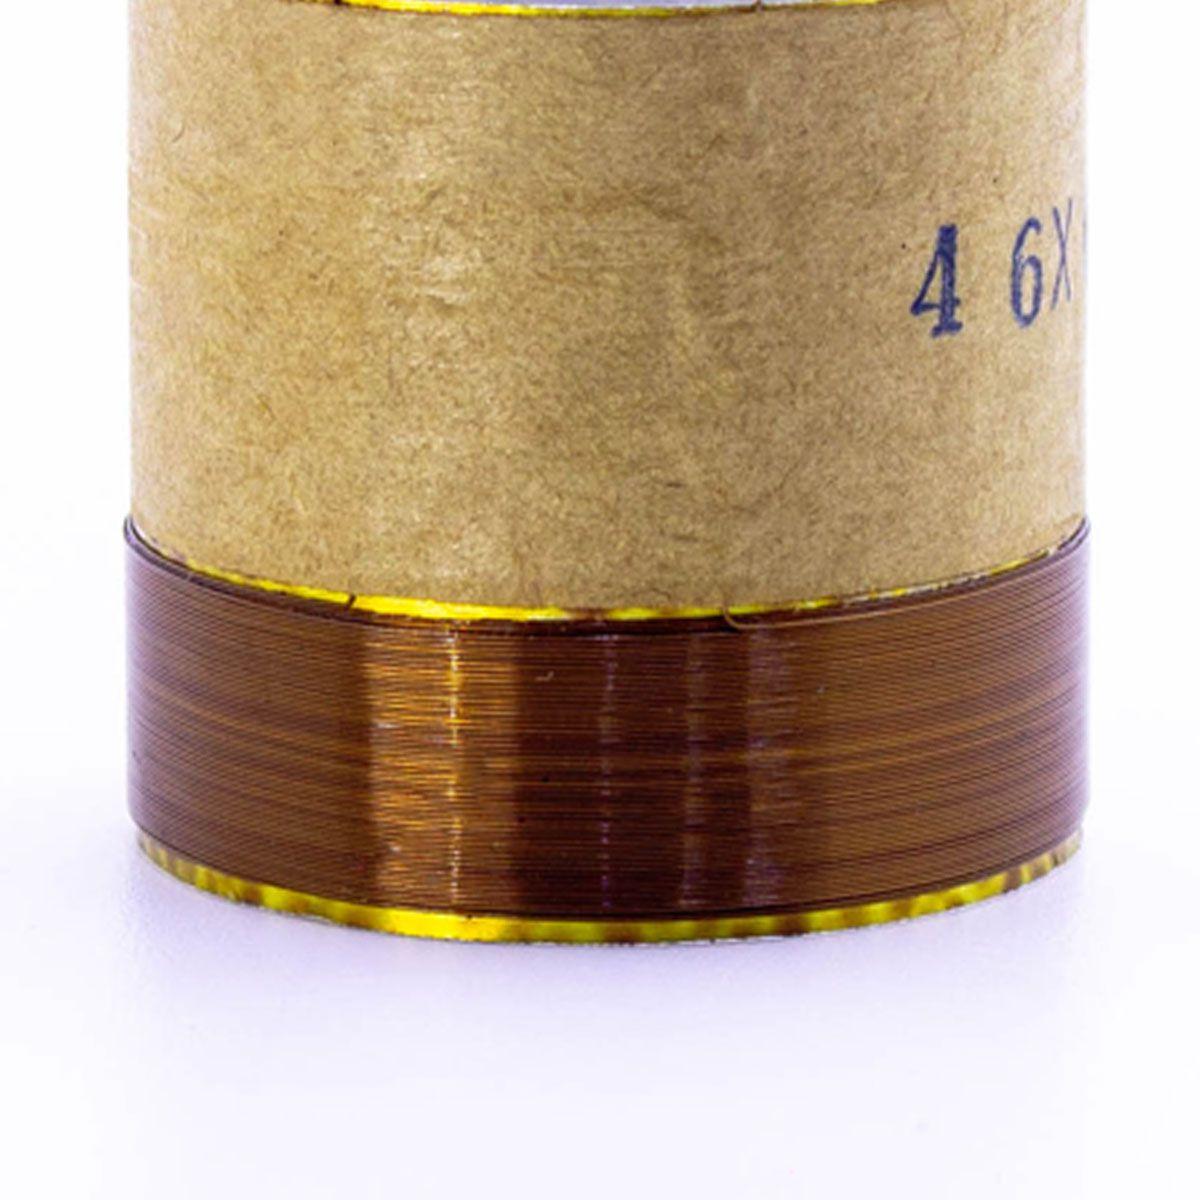 Bobina para Alto Falante Aluminio 46x00 4R 8R